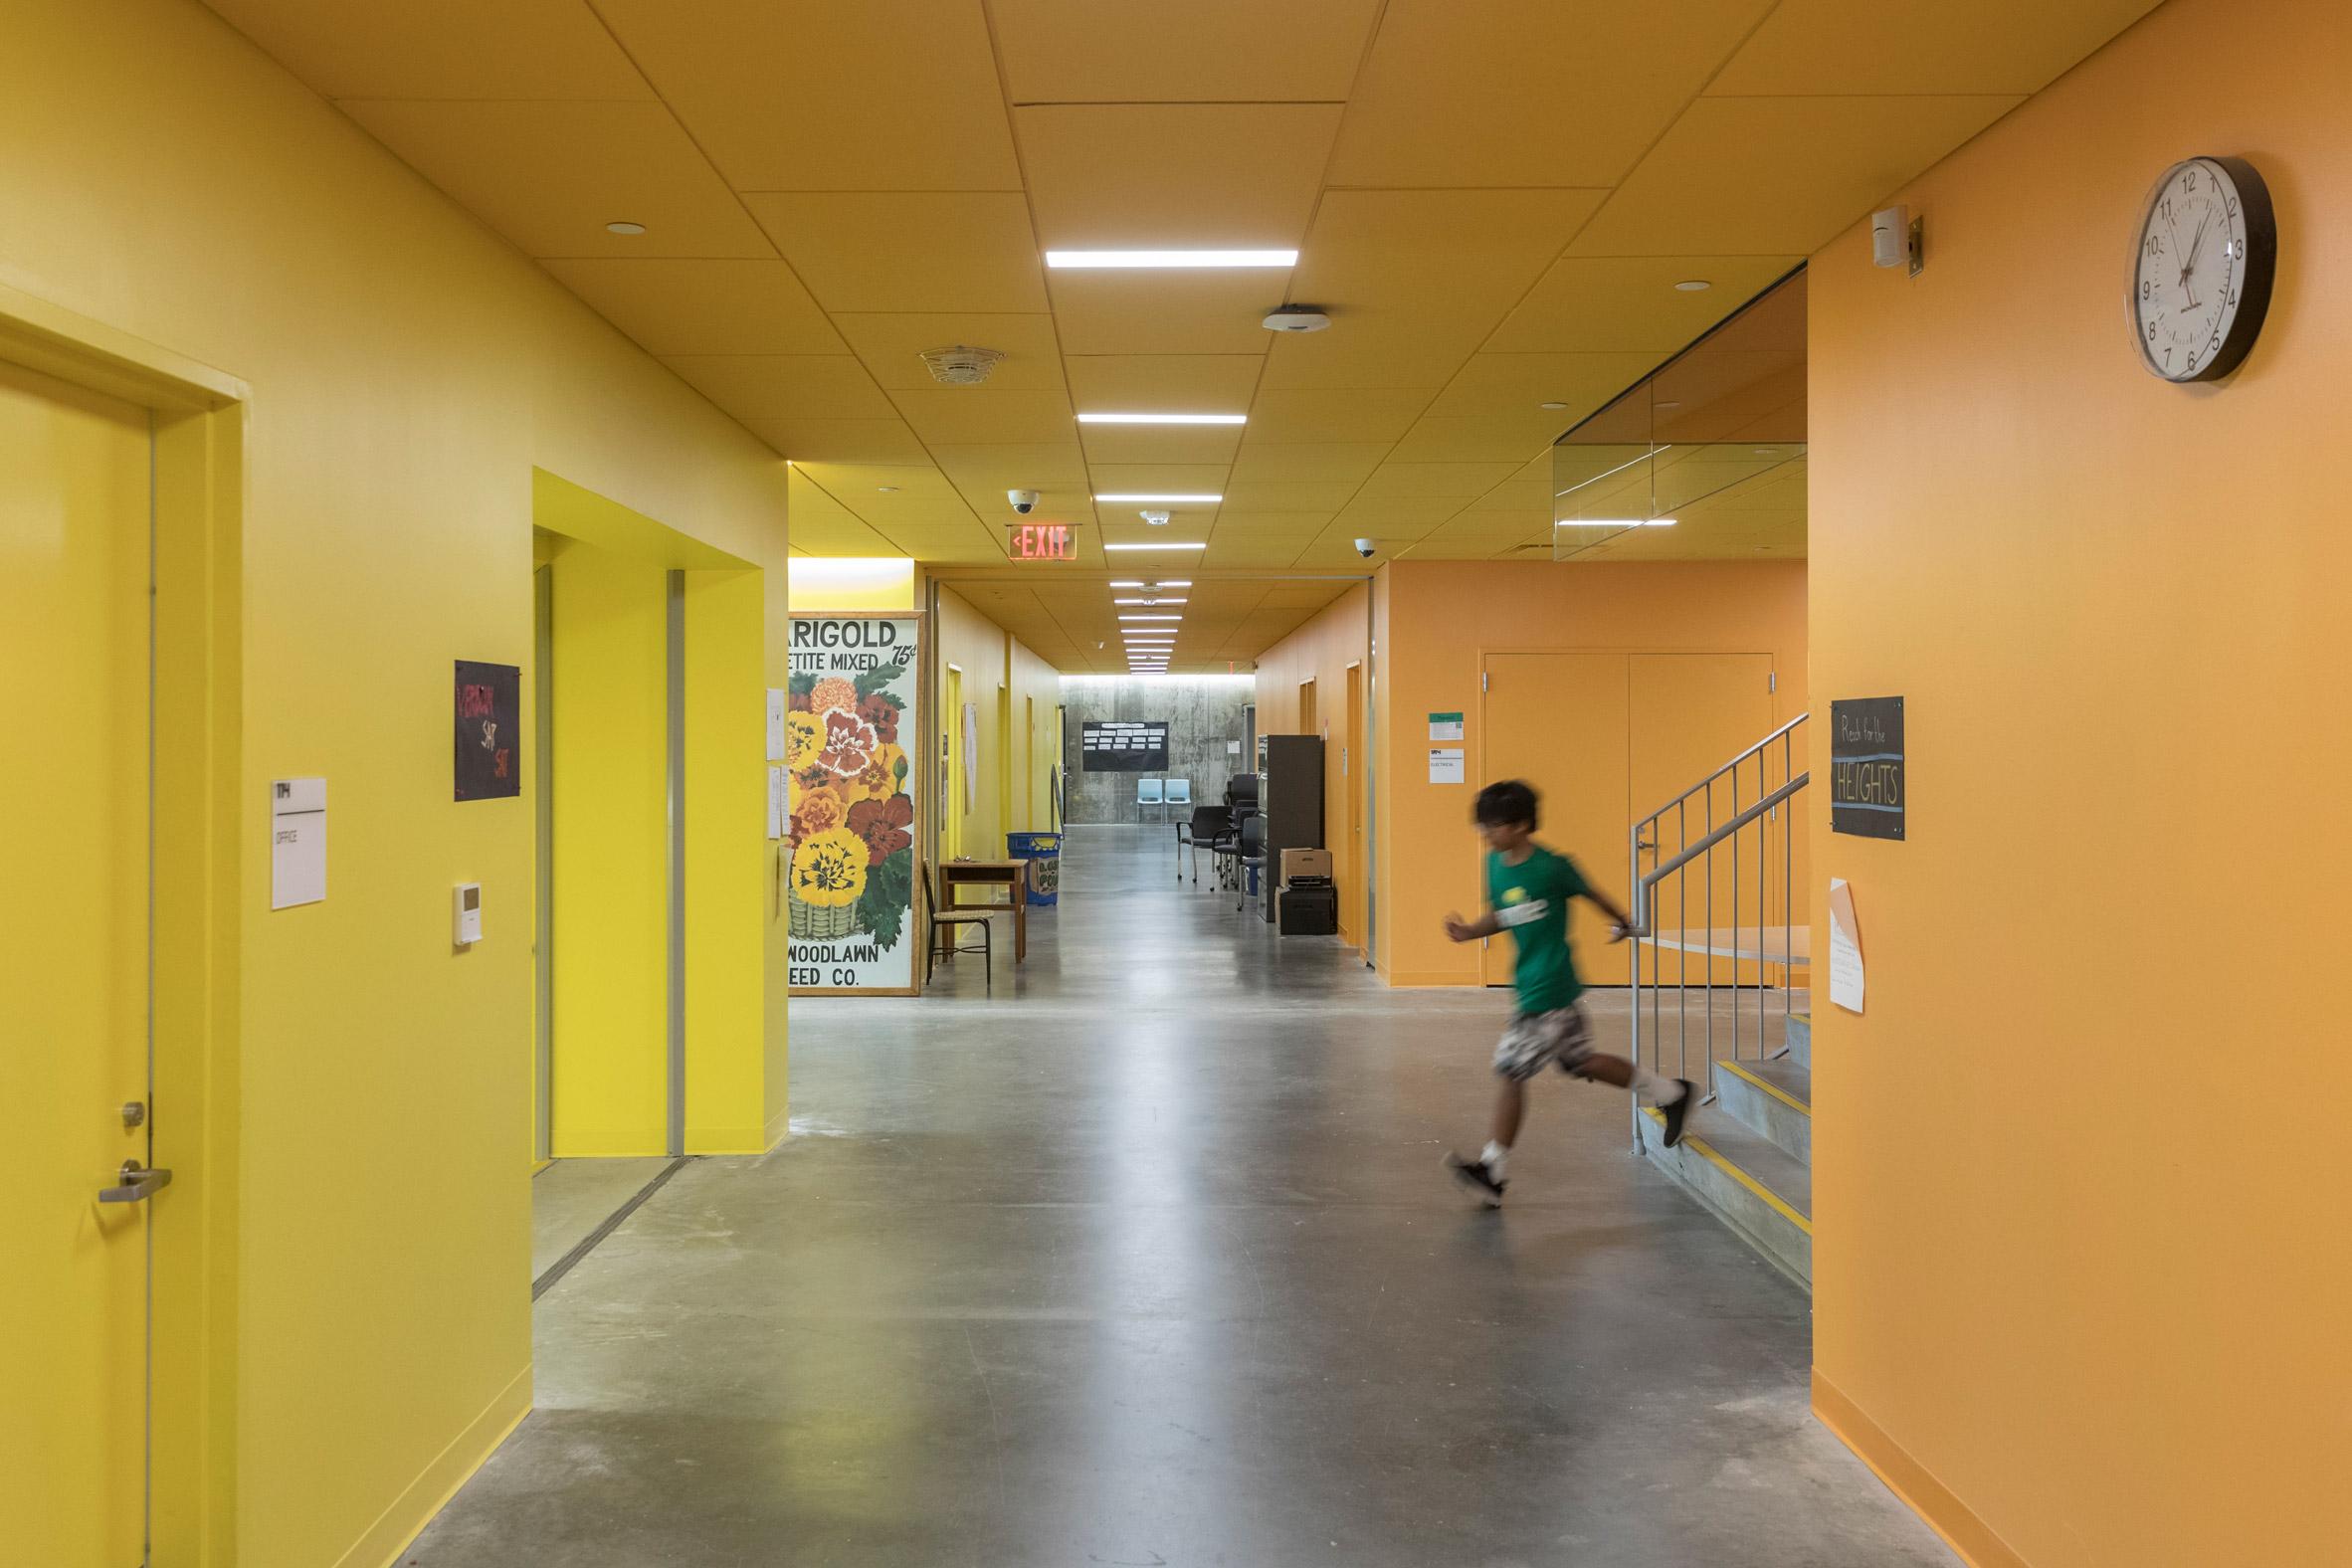 Thiết kế ánh sáng trong phòng học 12